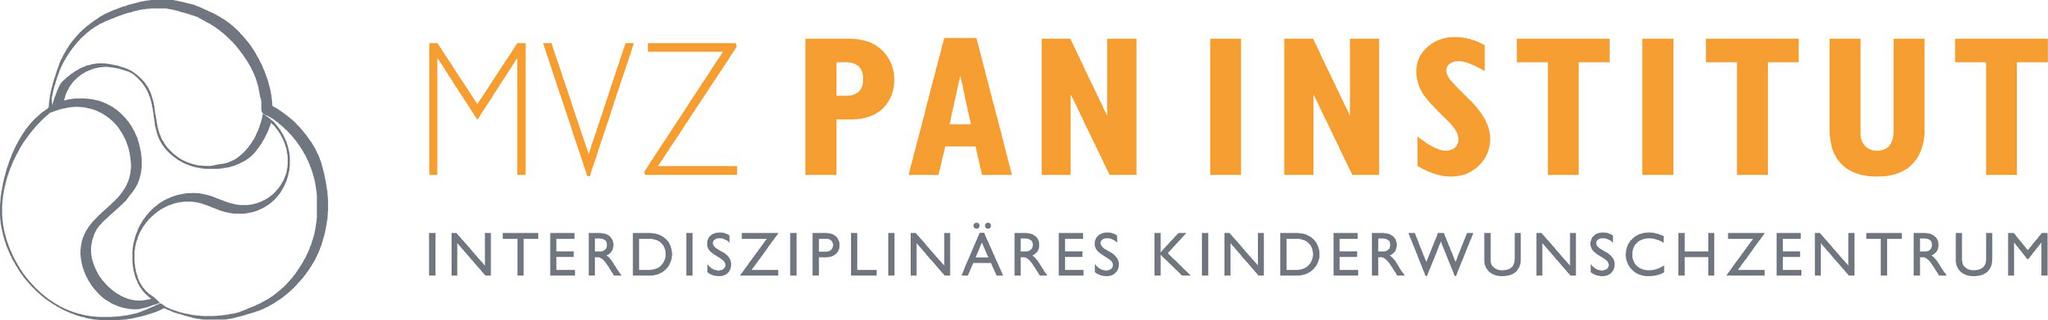 MVZ PAN Institut - Interdisziplinäres Kinderwunschzentrum